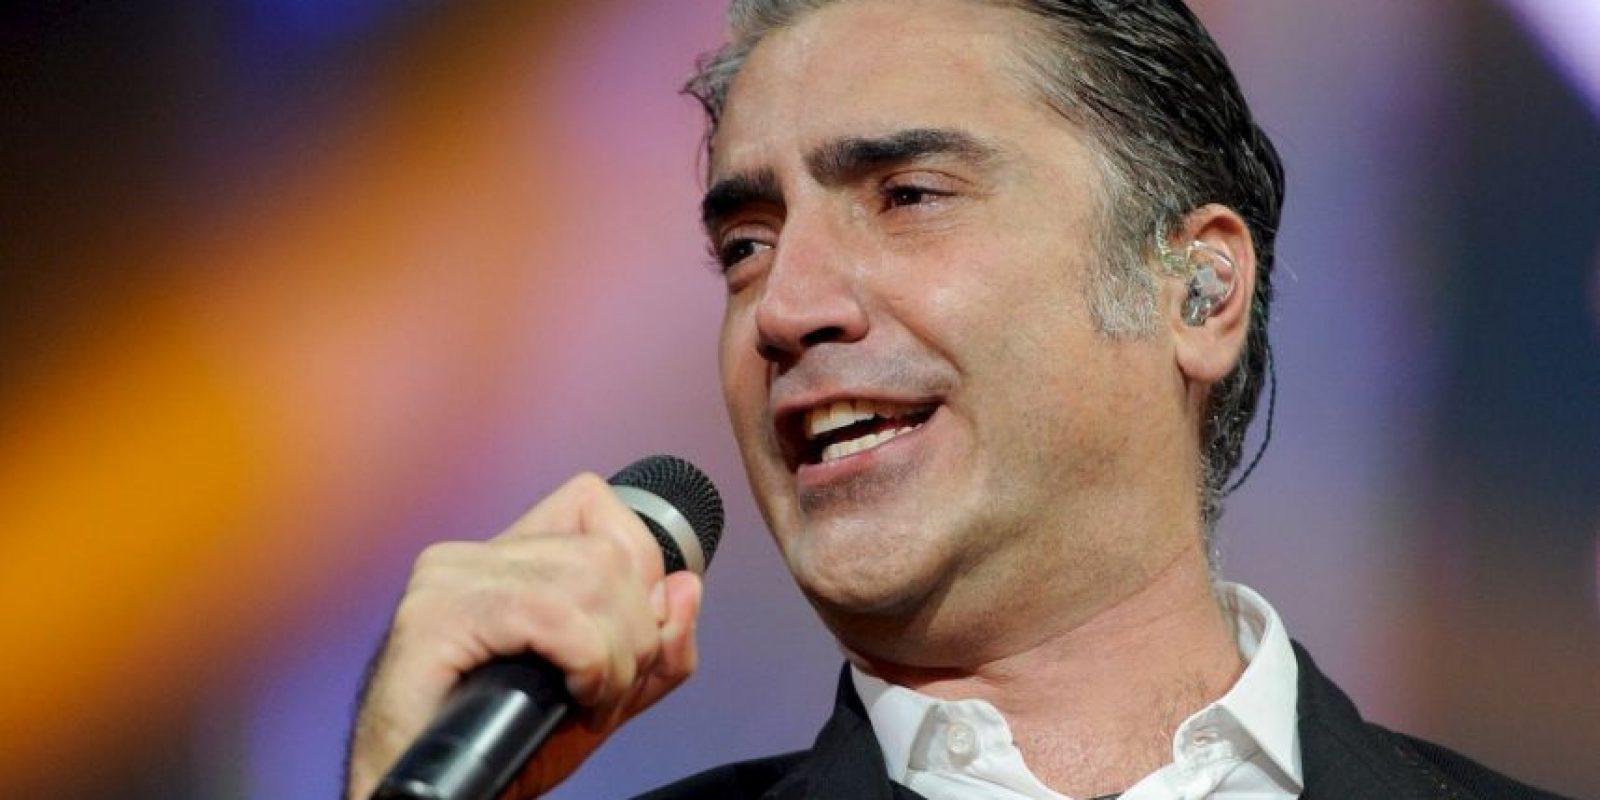 """Durante su concierto en Aguascalientes sus fans le cantaron """"Las Mañanitas"""", canción con que se agasaja a los cumpleañeros en México. Foto:Getty Images"""